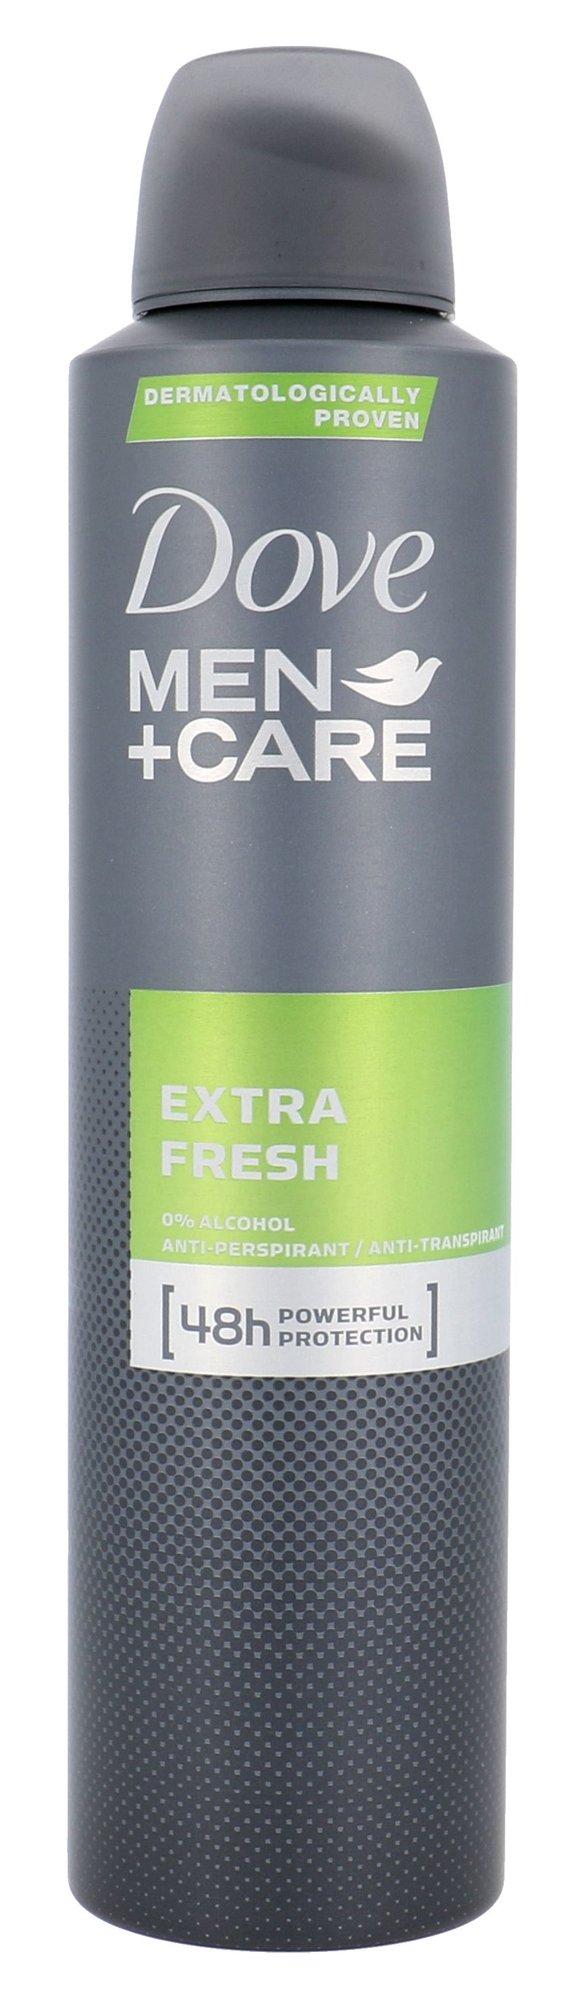 Dove Men + Care Cosmetic 250ml